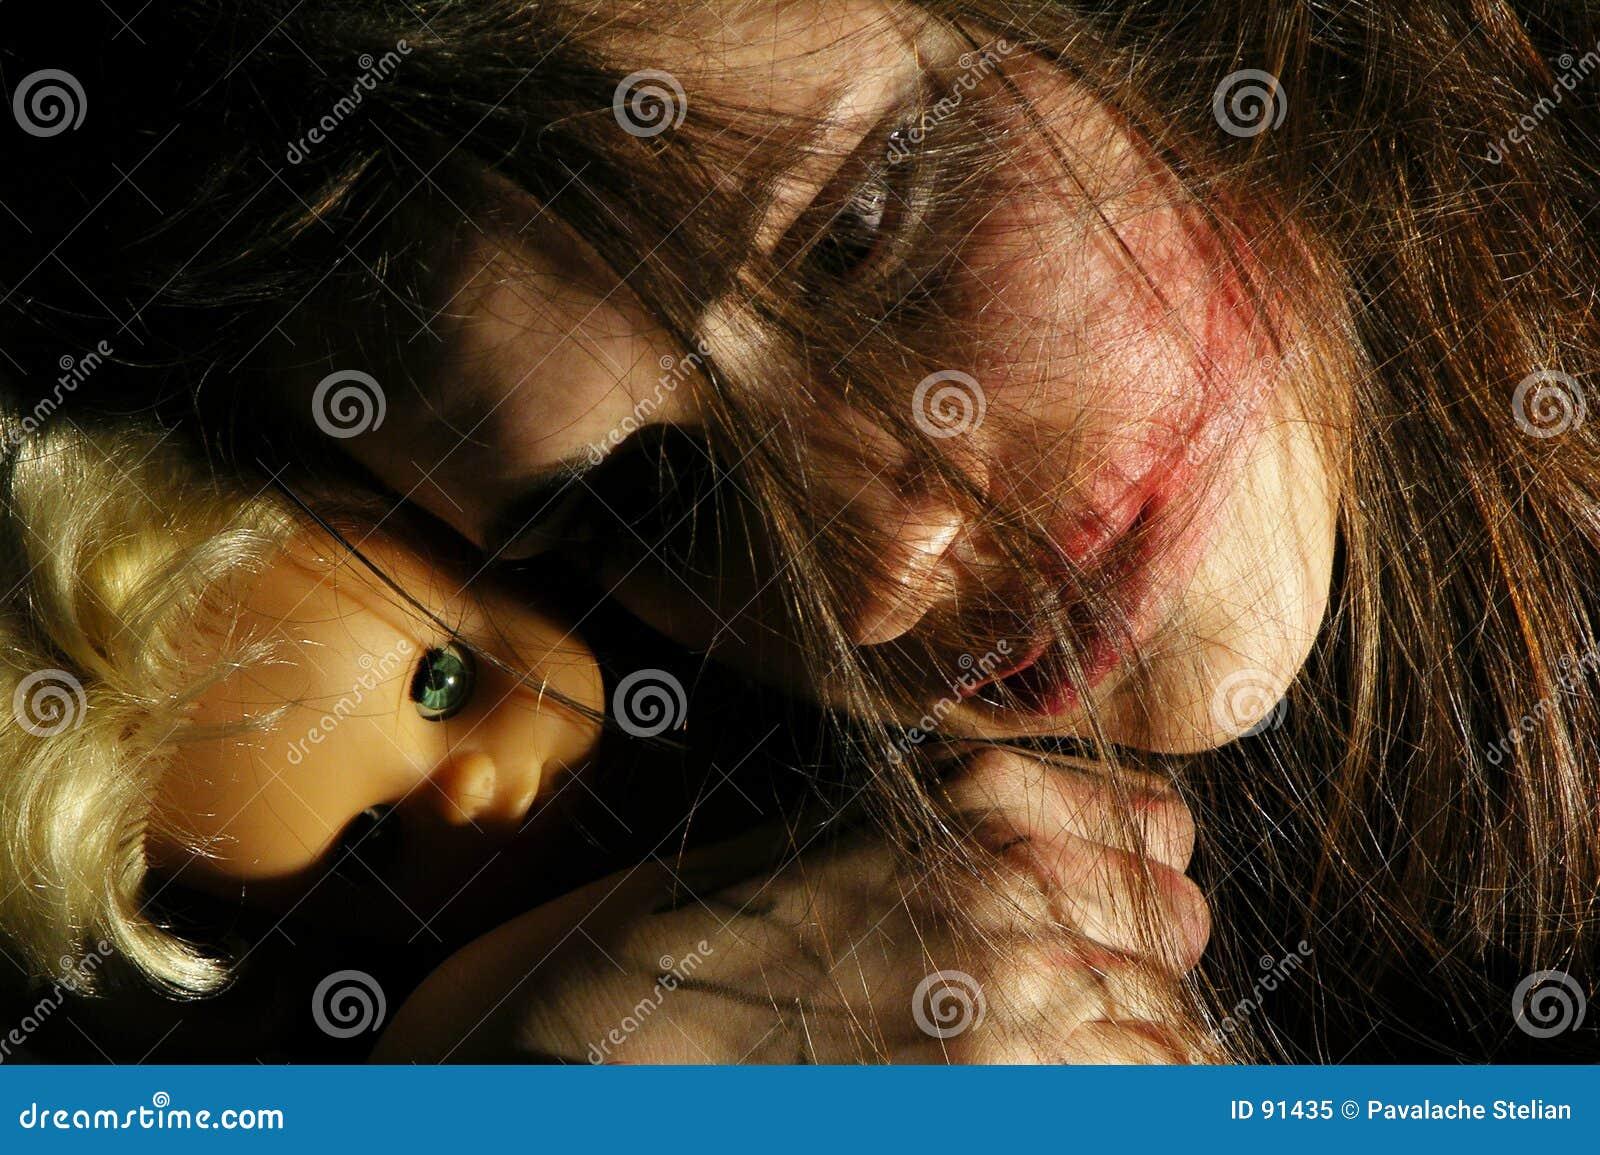 Ager problemy nastolatków psihical dzisiaj